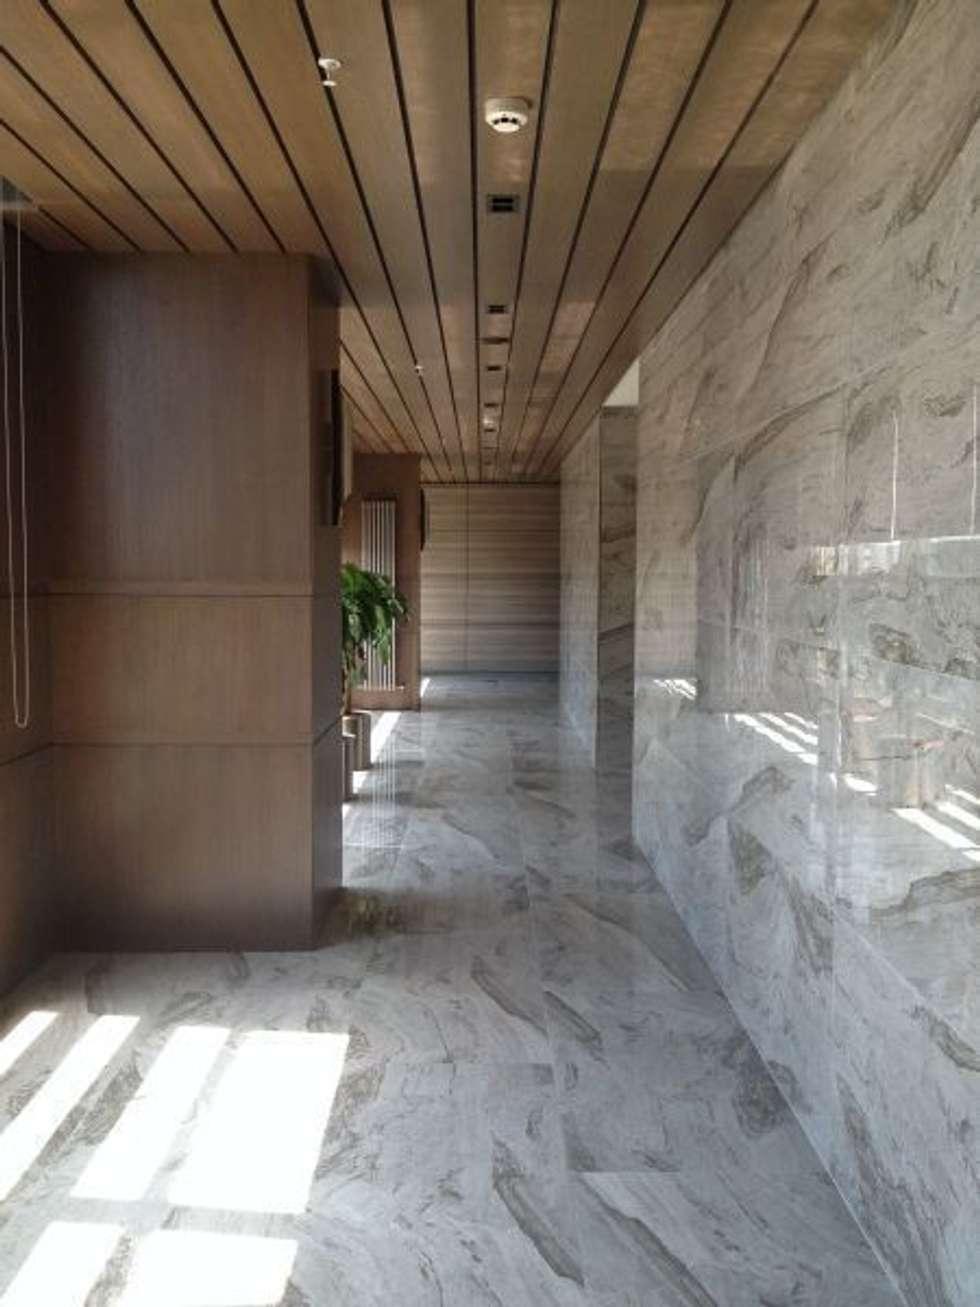 The Big House Mimarlık  – Tekstilbank genel merkezi:  tarz Ofis Alanları